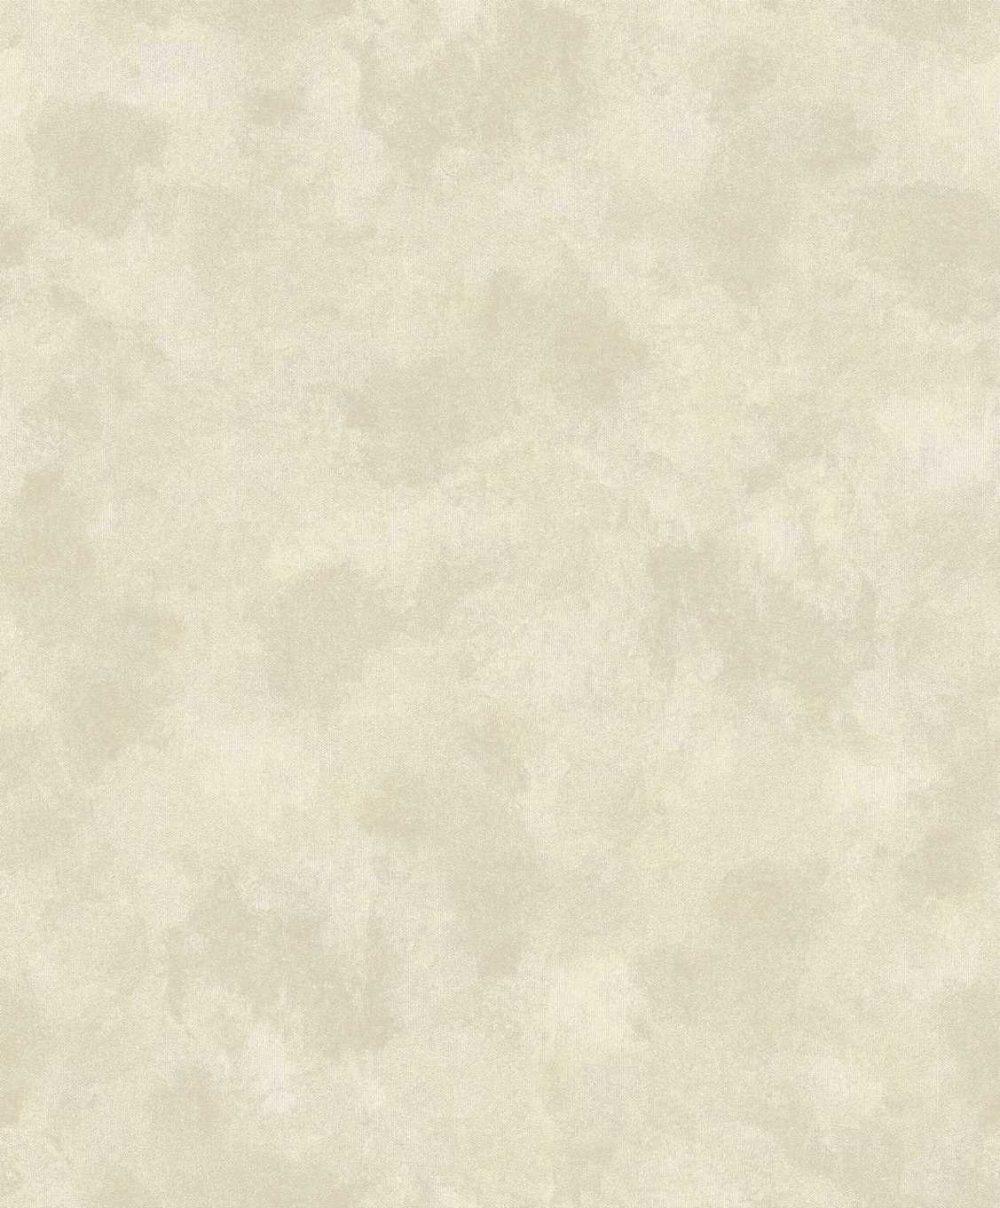 کاغذ دیواری Manor کد ۱۲۱۲